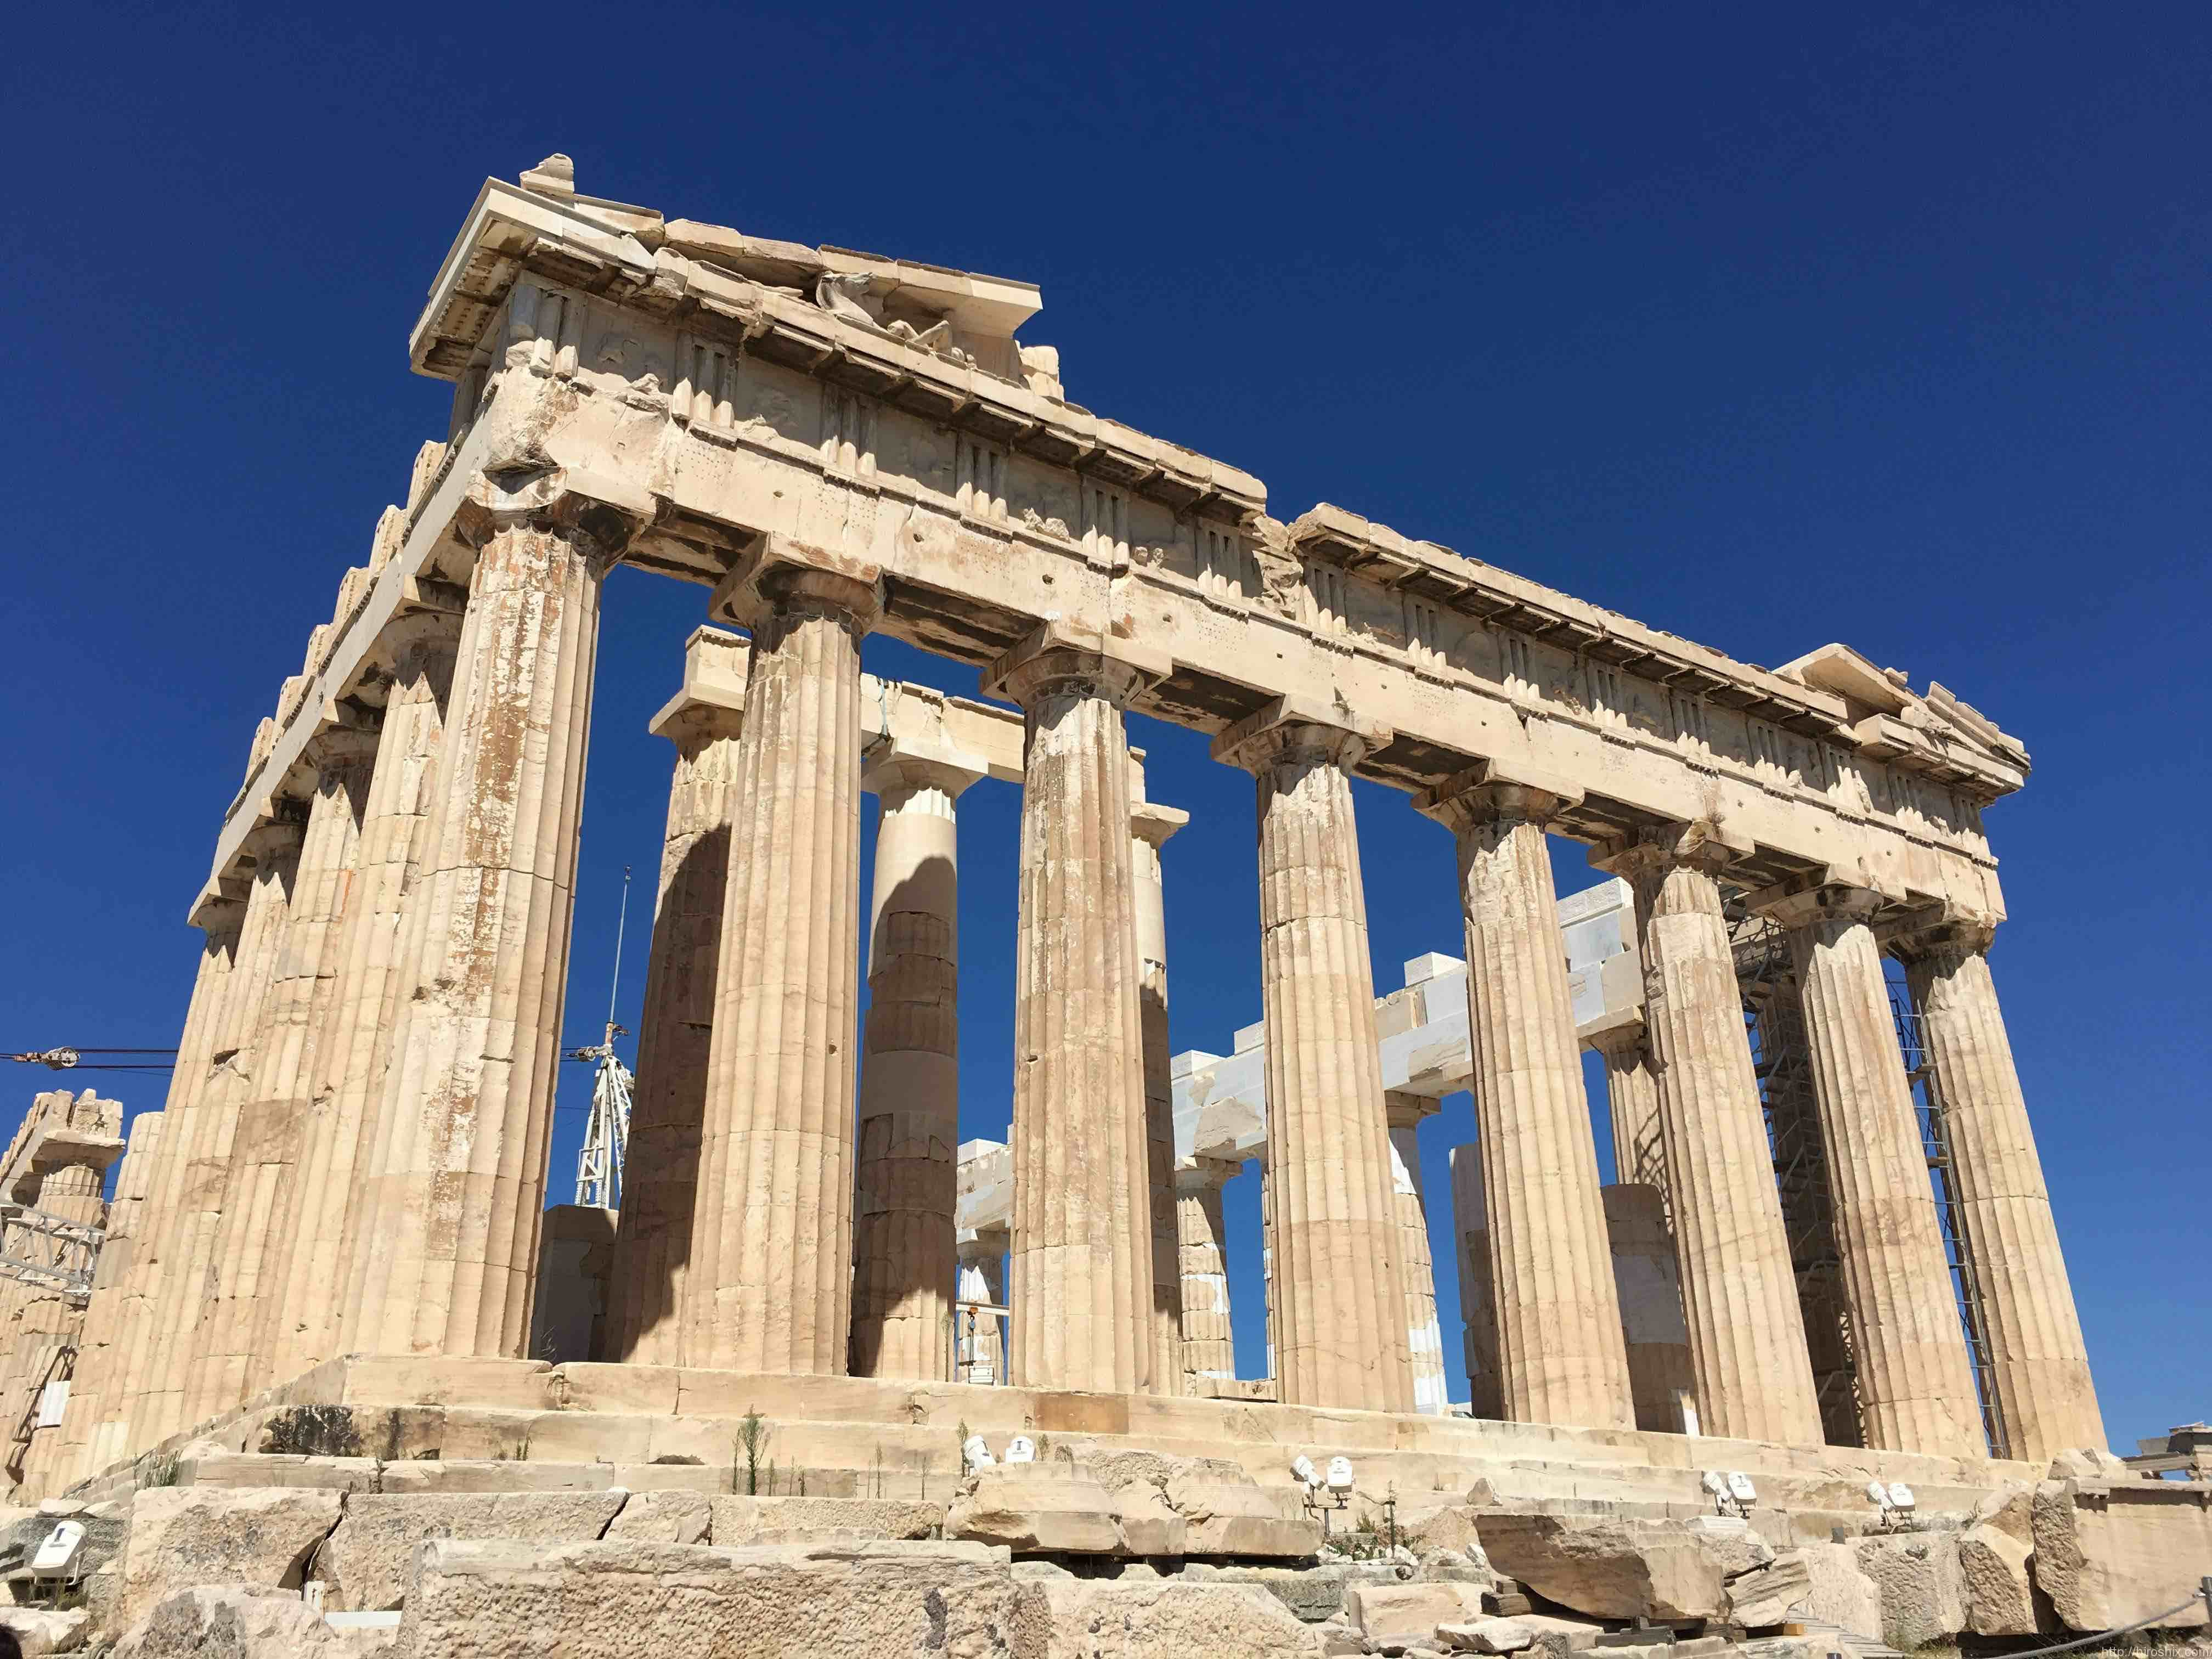 アクロポリス遺跡。パルテノン神殿で強大な小宇宙を感じる【ギリシャ旅行2016】